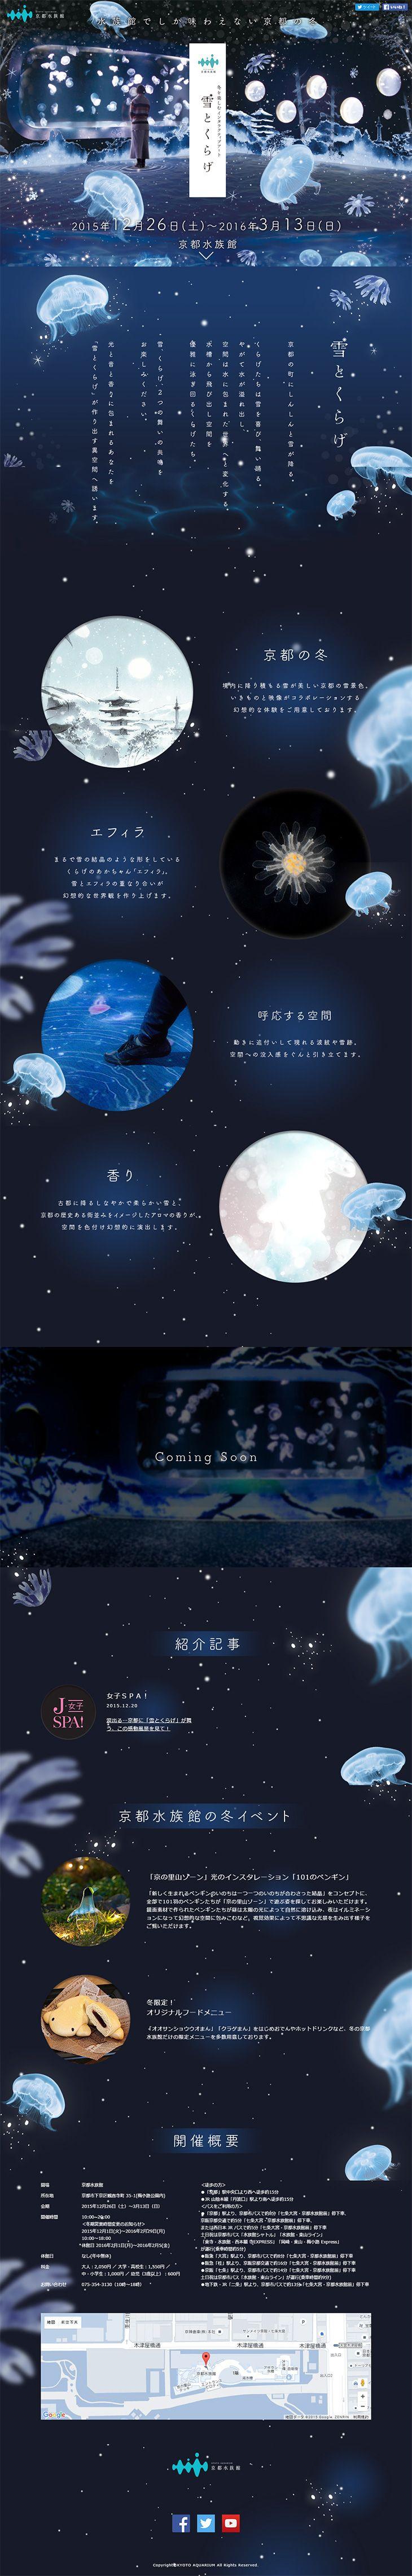 冬を楽しむインタラクティブアート 雪とくらげ   京都水族館【サービス関連】のLPデザイン。WEBデザイナーさん必見!ランディングページのデザイン参考に(かわいい系)